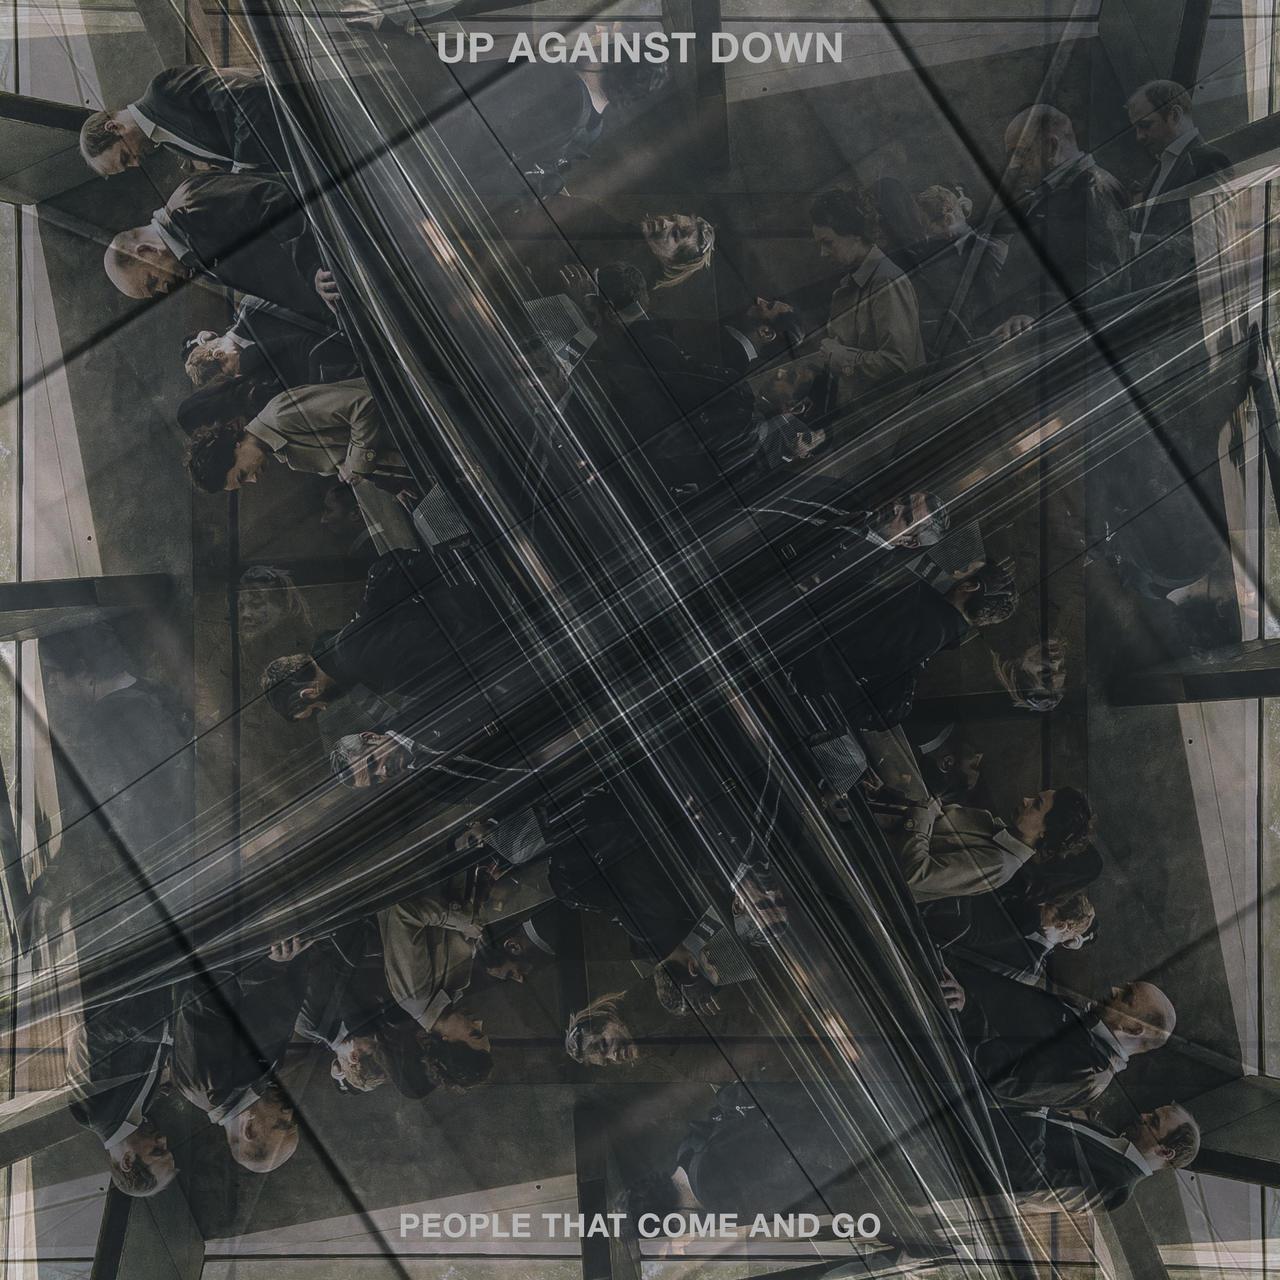 """Up Against Down: projeto pós-punk reinicia os trabalhos com o single e vídeo """"People That Come And Go"""""""